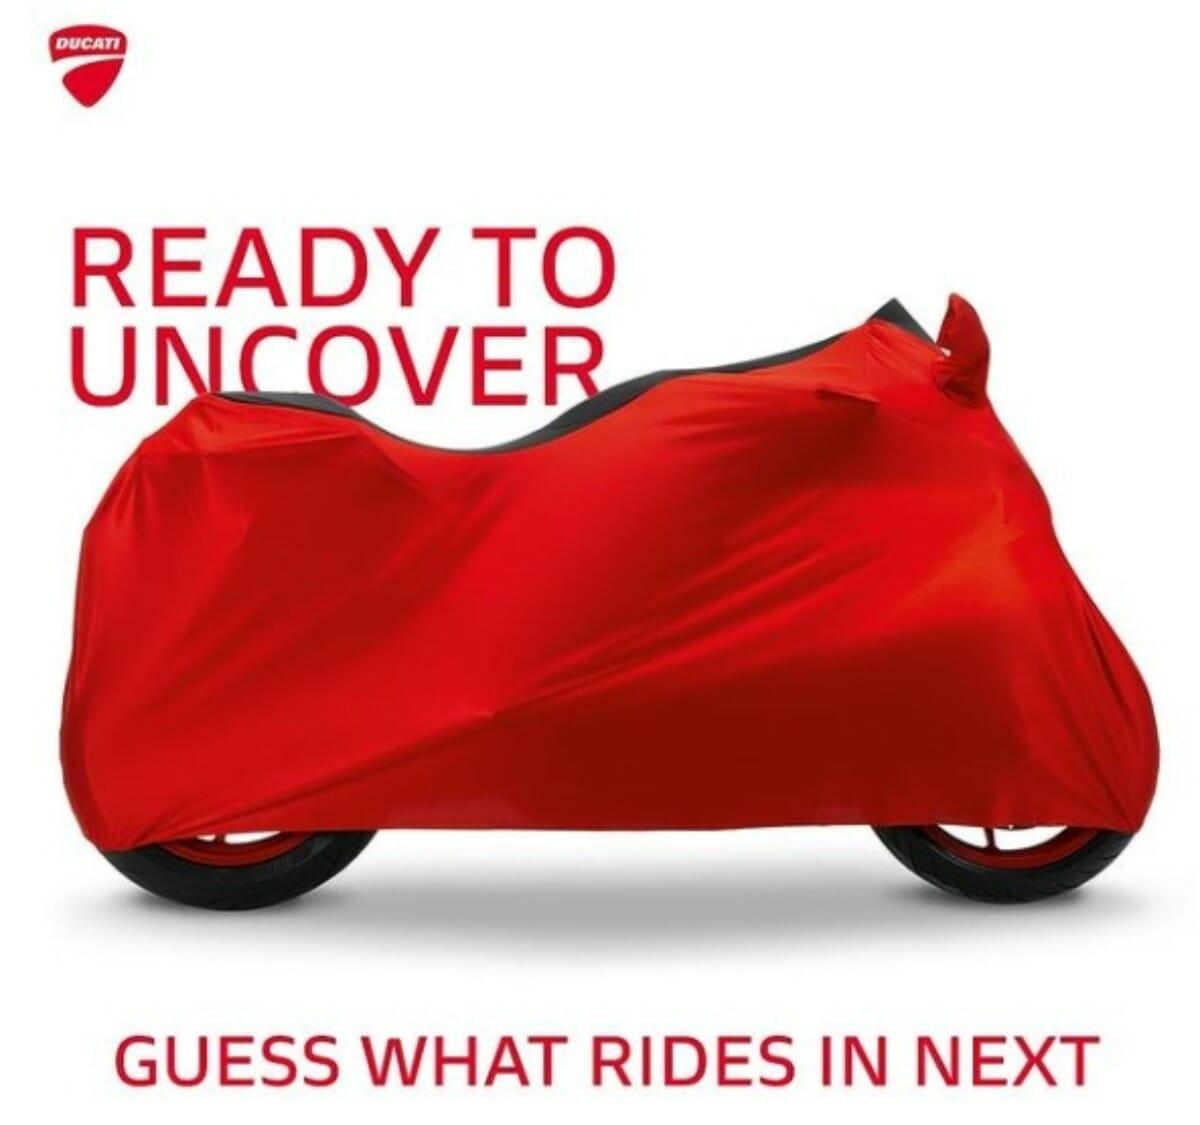 Ducati Supersport teased